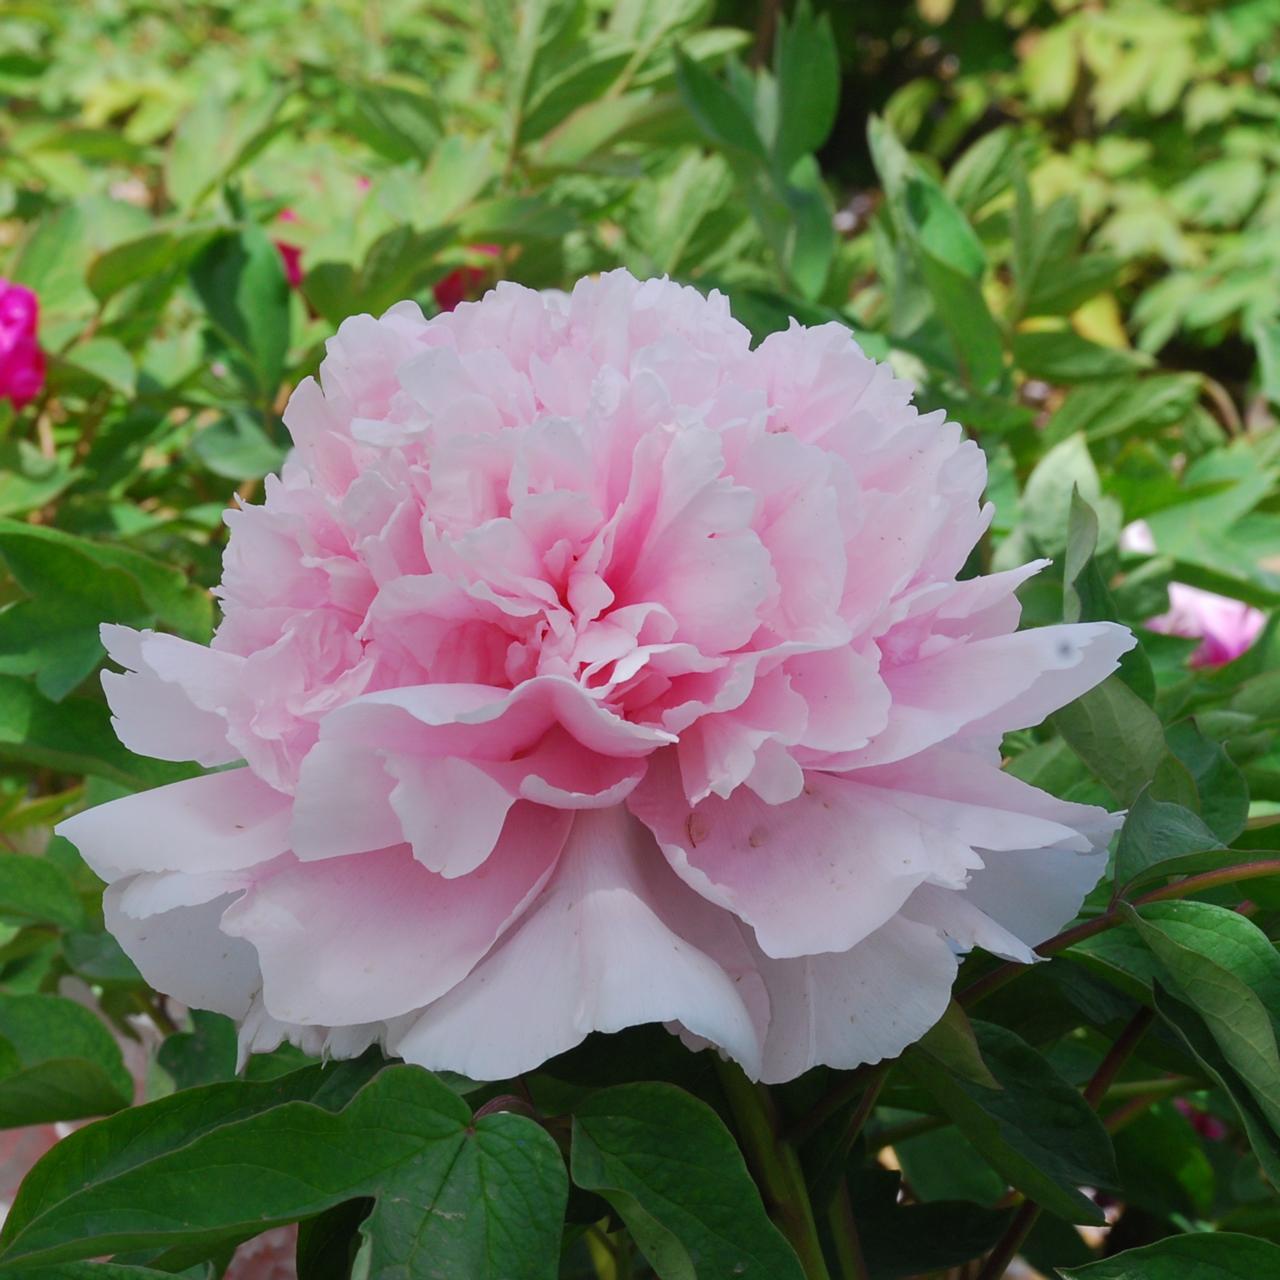 Paeonia suffruticosa 'Zao Feng' plant